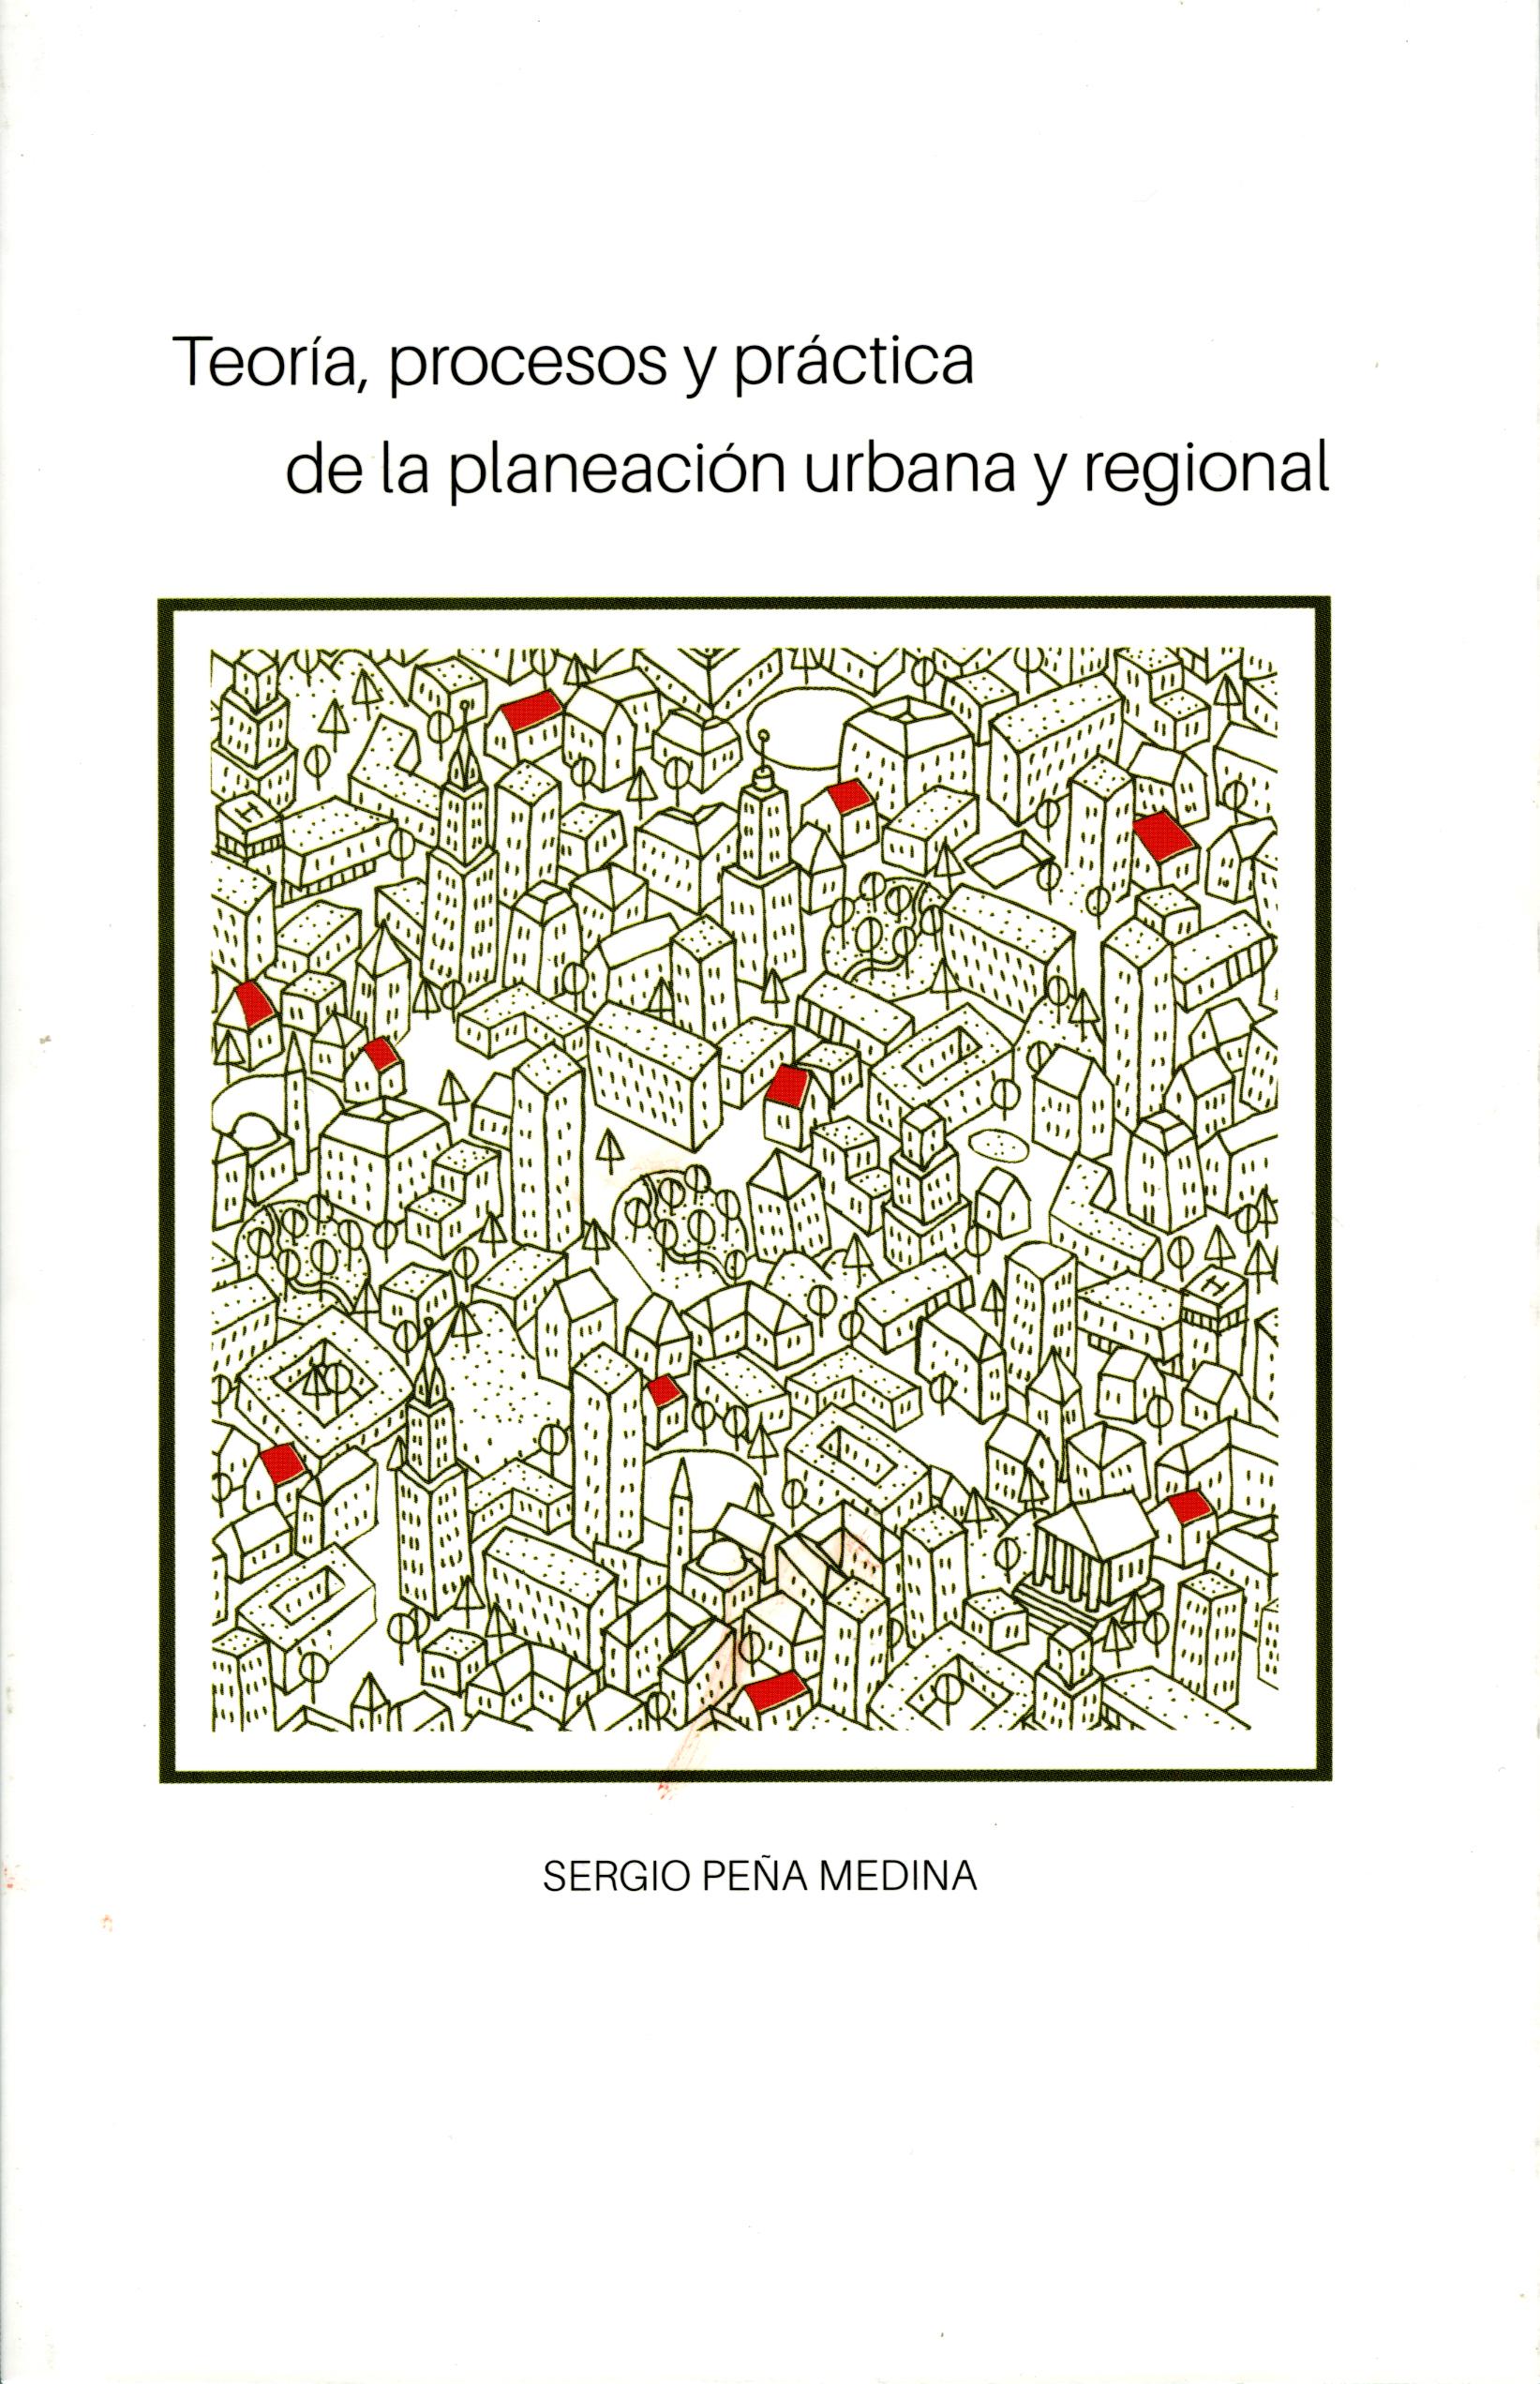 Portada de Teoría, procesos y práctica de la planeación urbana y regional. Primera reimpresión. (1a. reimpresión)